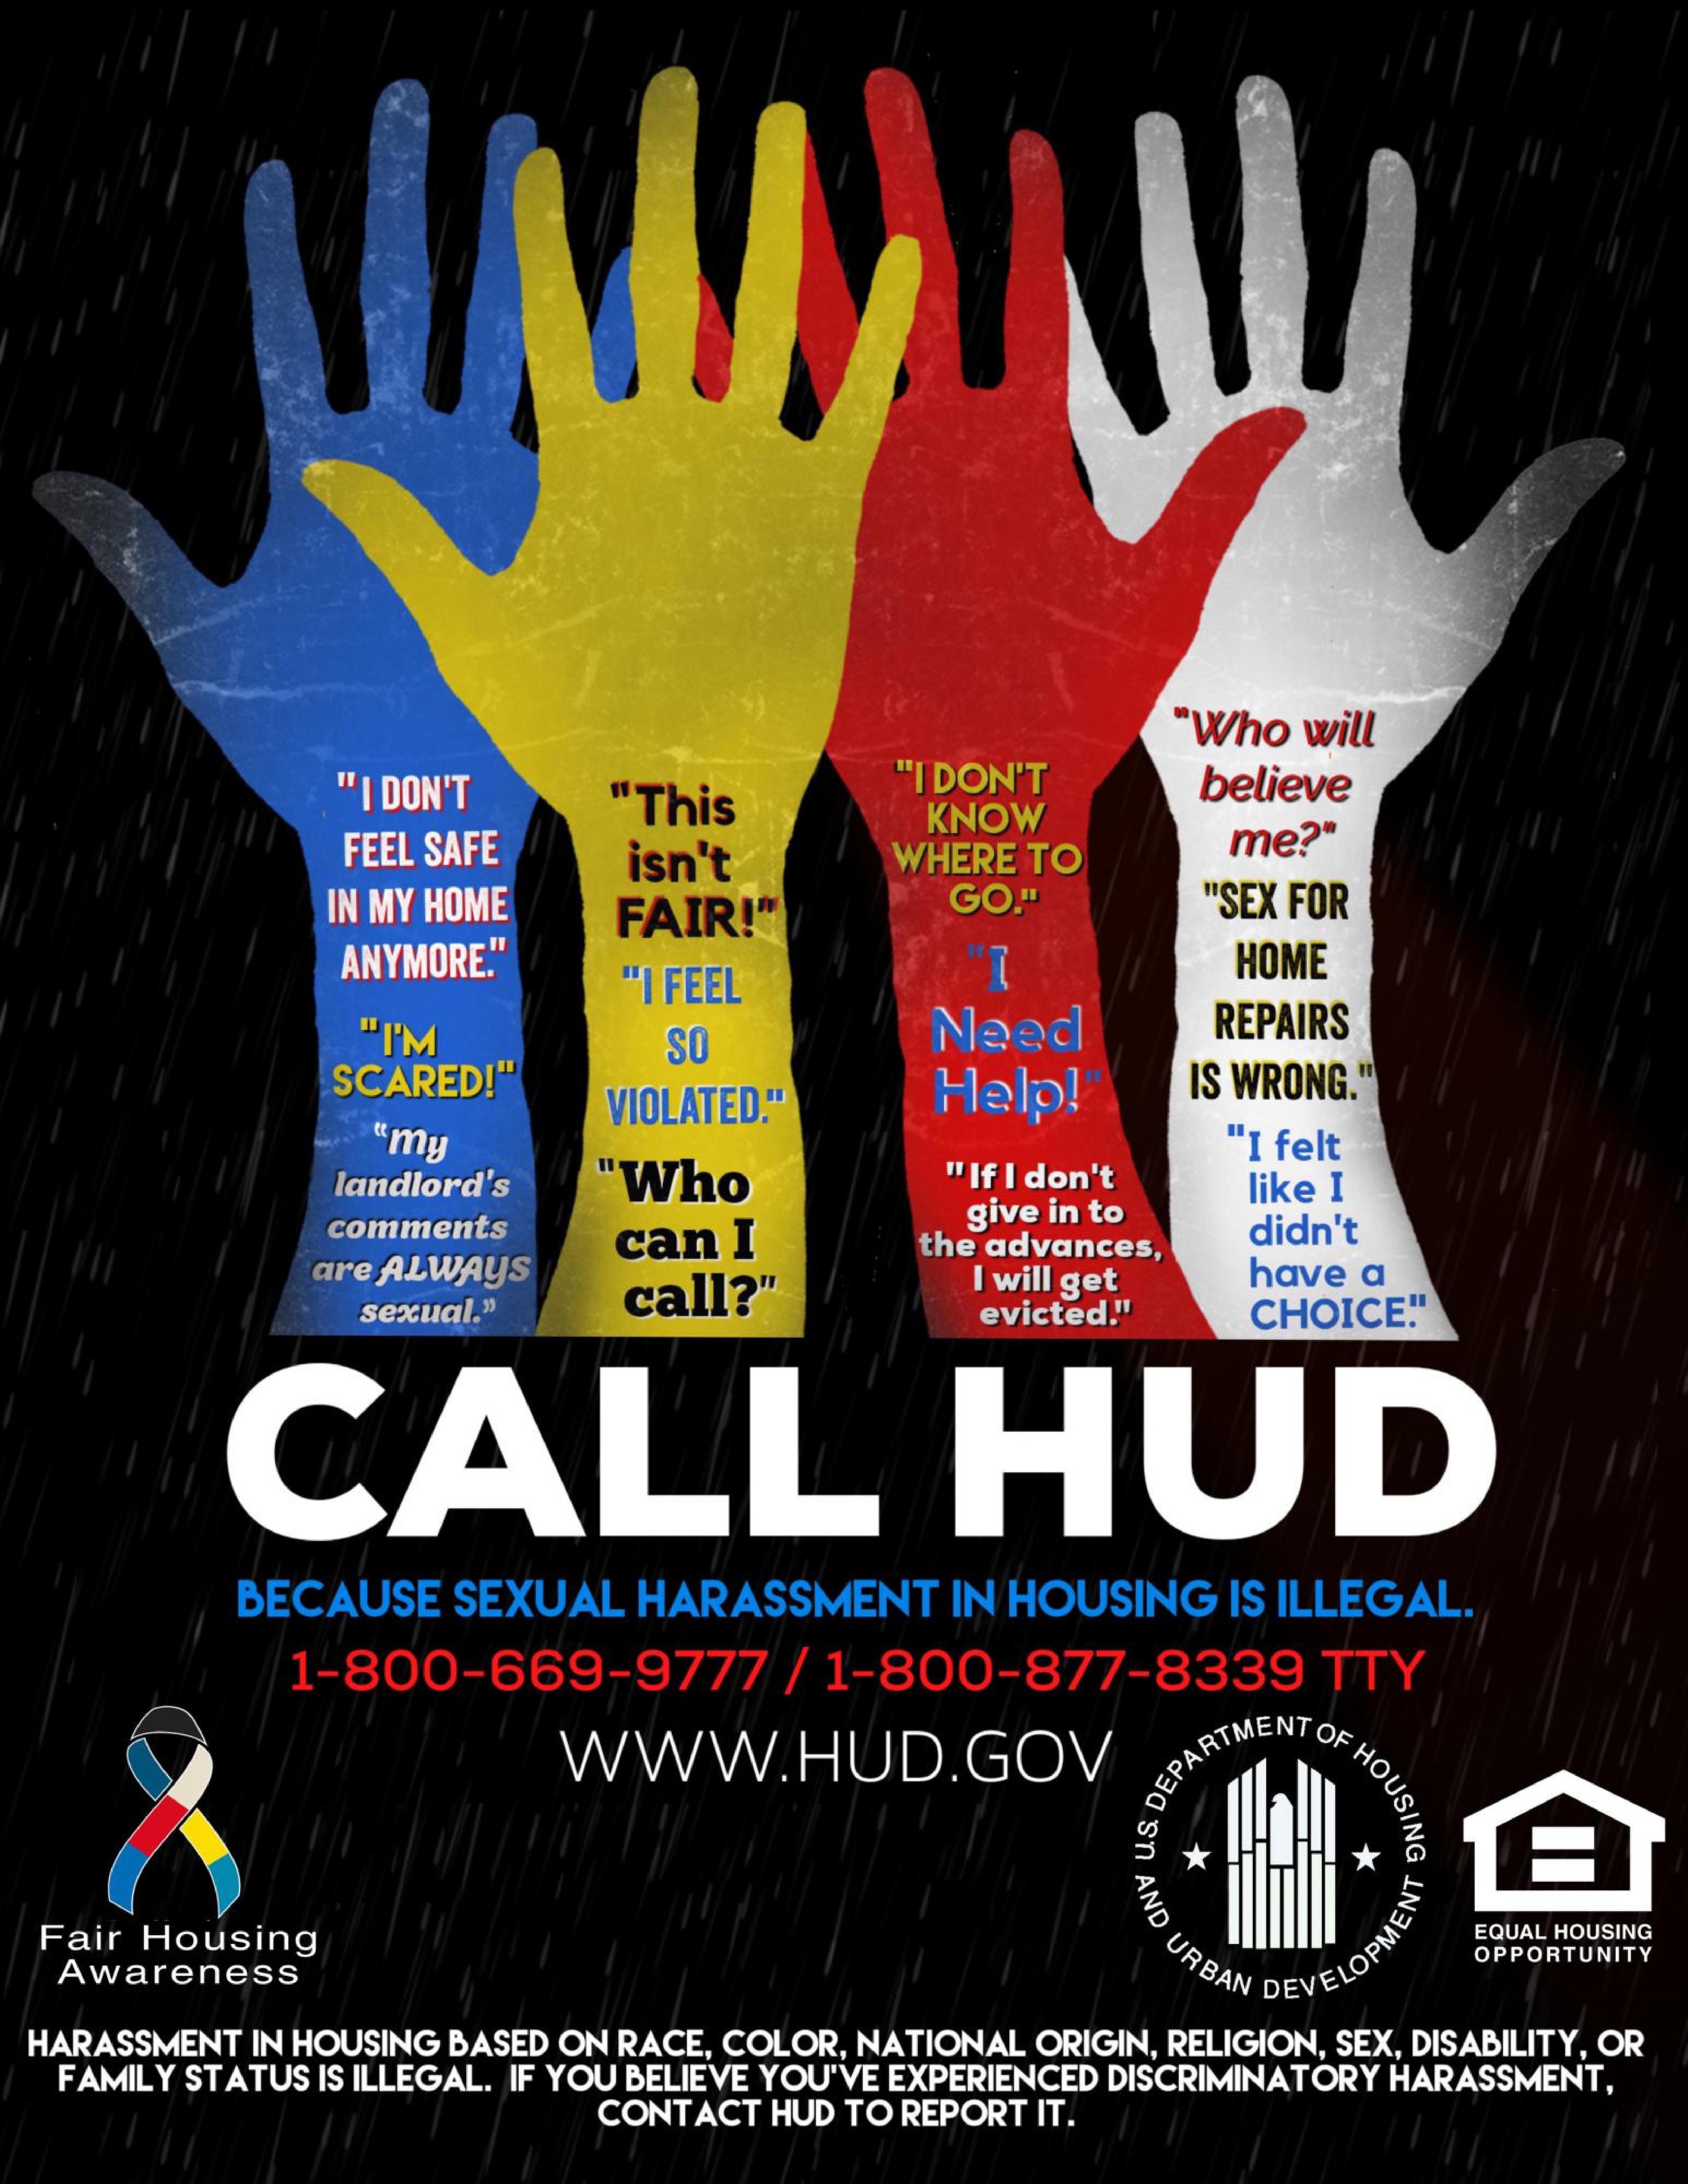 Call HUD